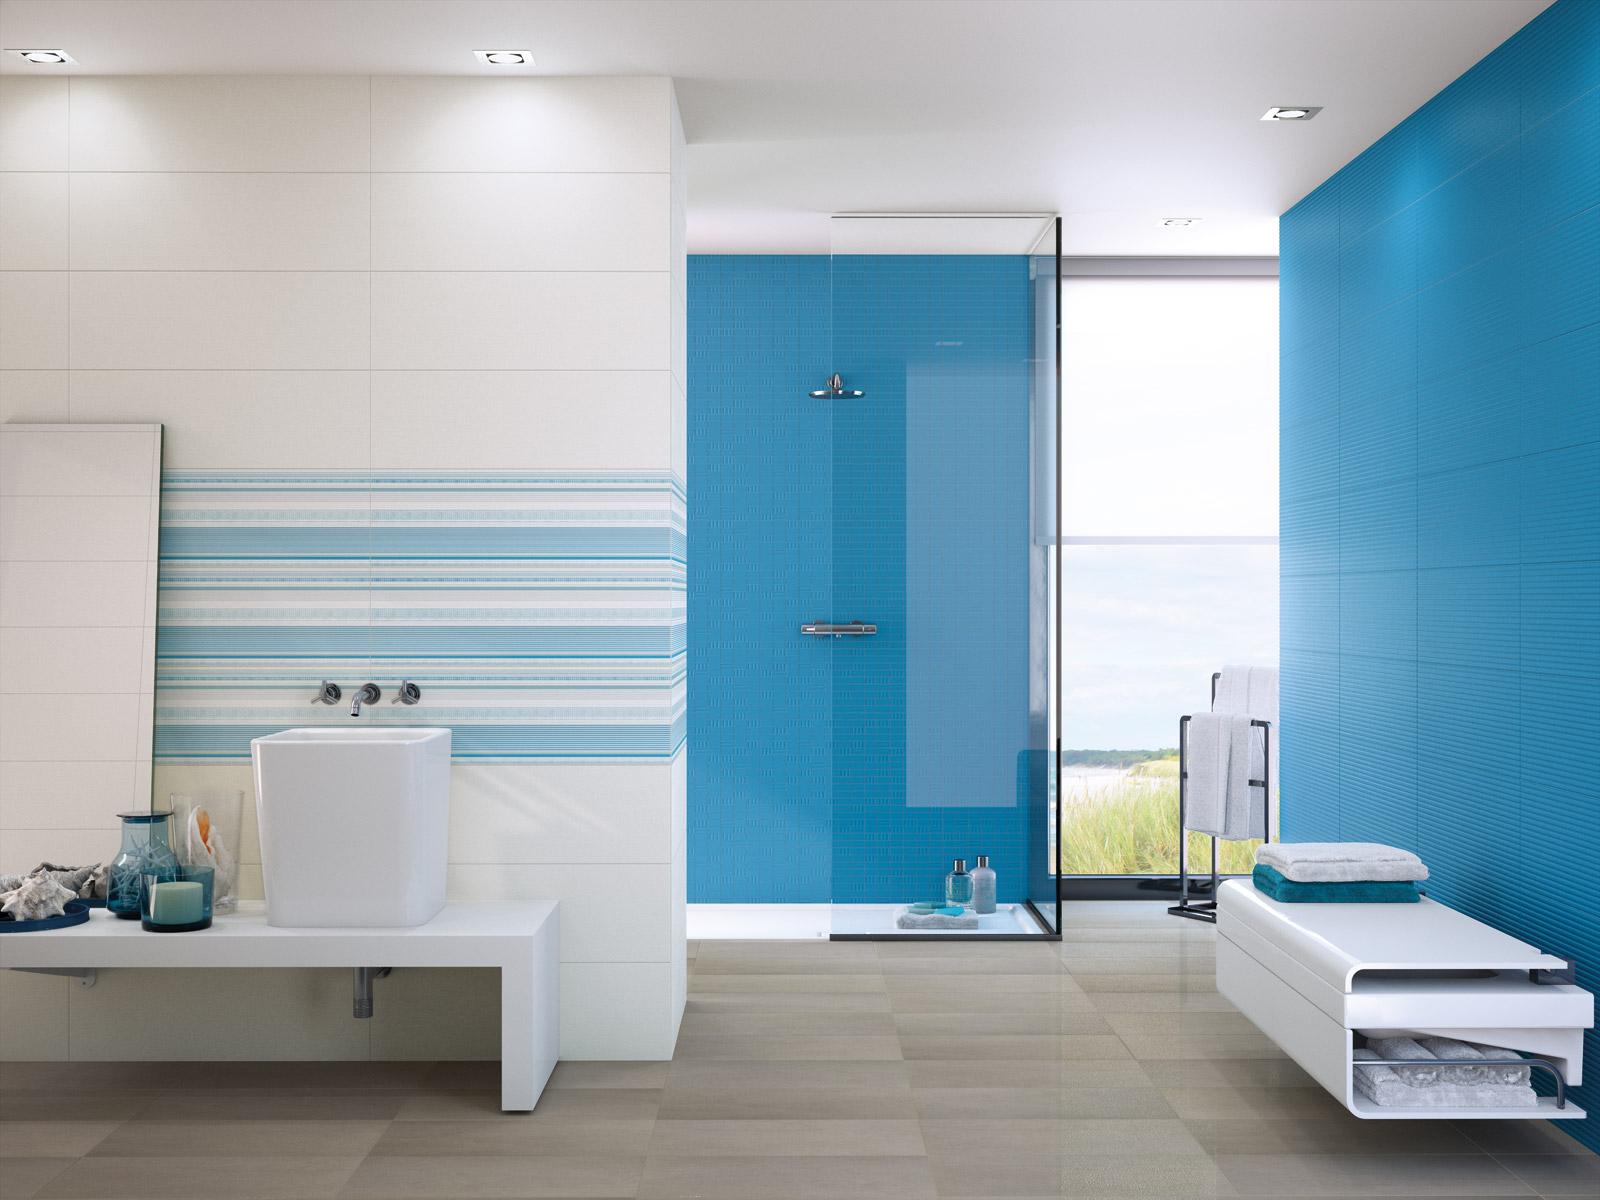 Bagno Moderno Colorato.La Bagno Moderno Con Arredamento Colorato Photo